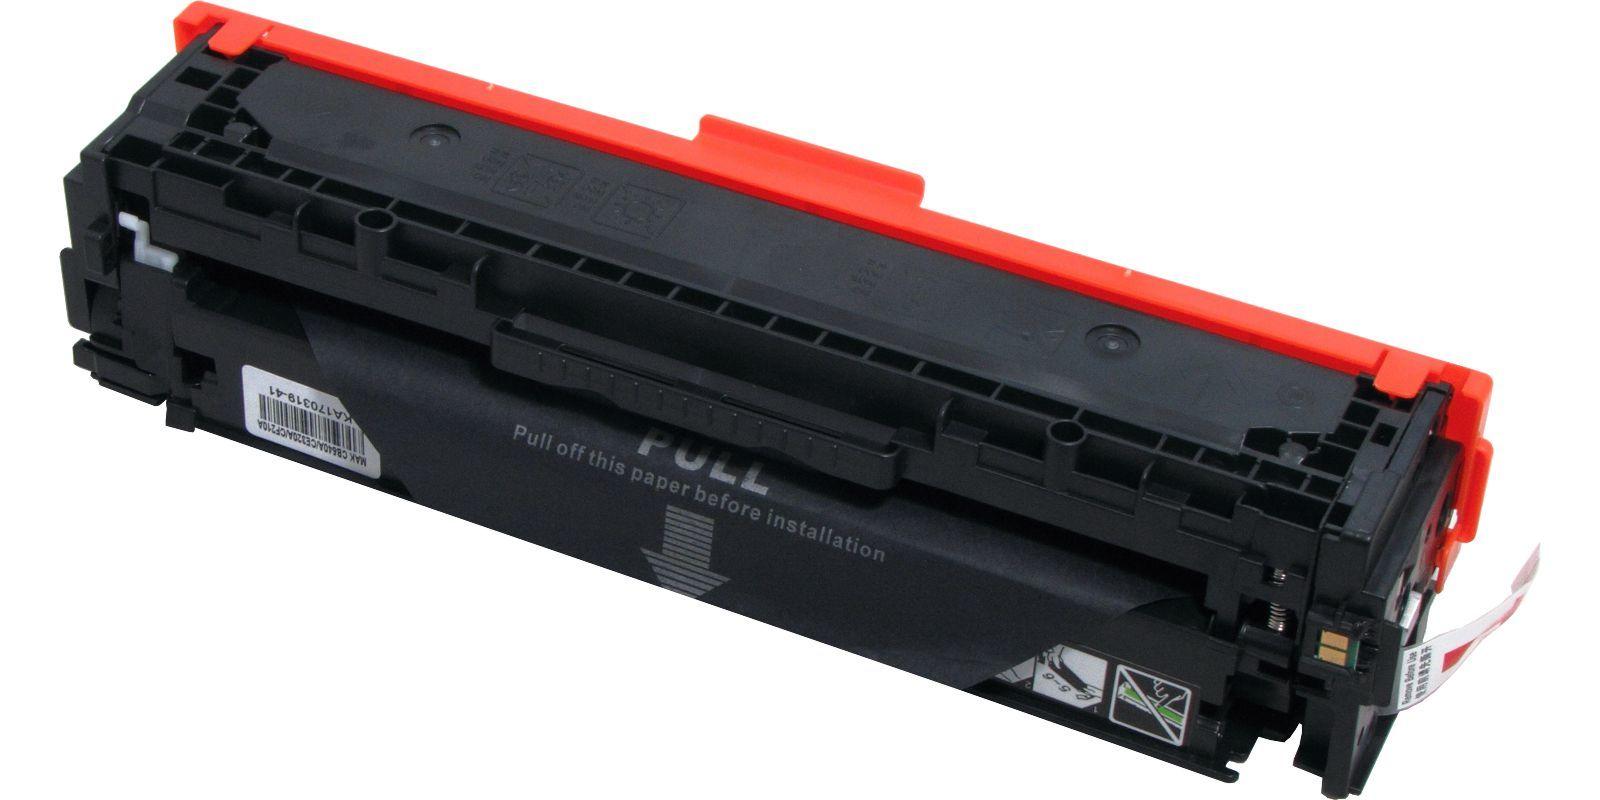 Картридж лазерный цветной MAK© 125A/128A/131A CB542A/CE322A/CF212A желтый (yellow), до 1800 стр.